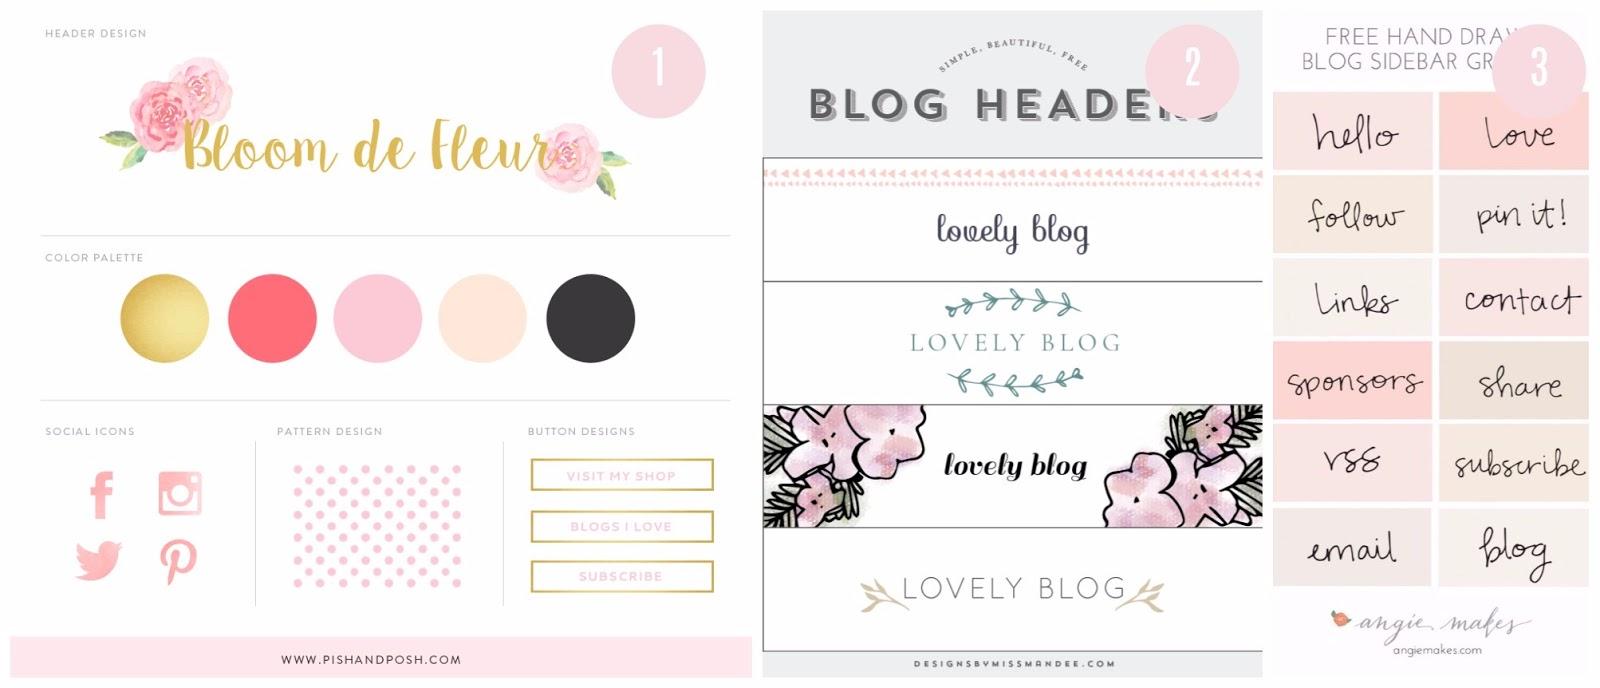 Großzügig Kostenlose Blog Header Vorlagen Bilder - Entry Level ...